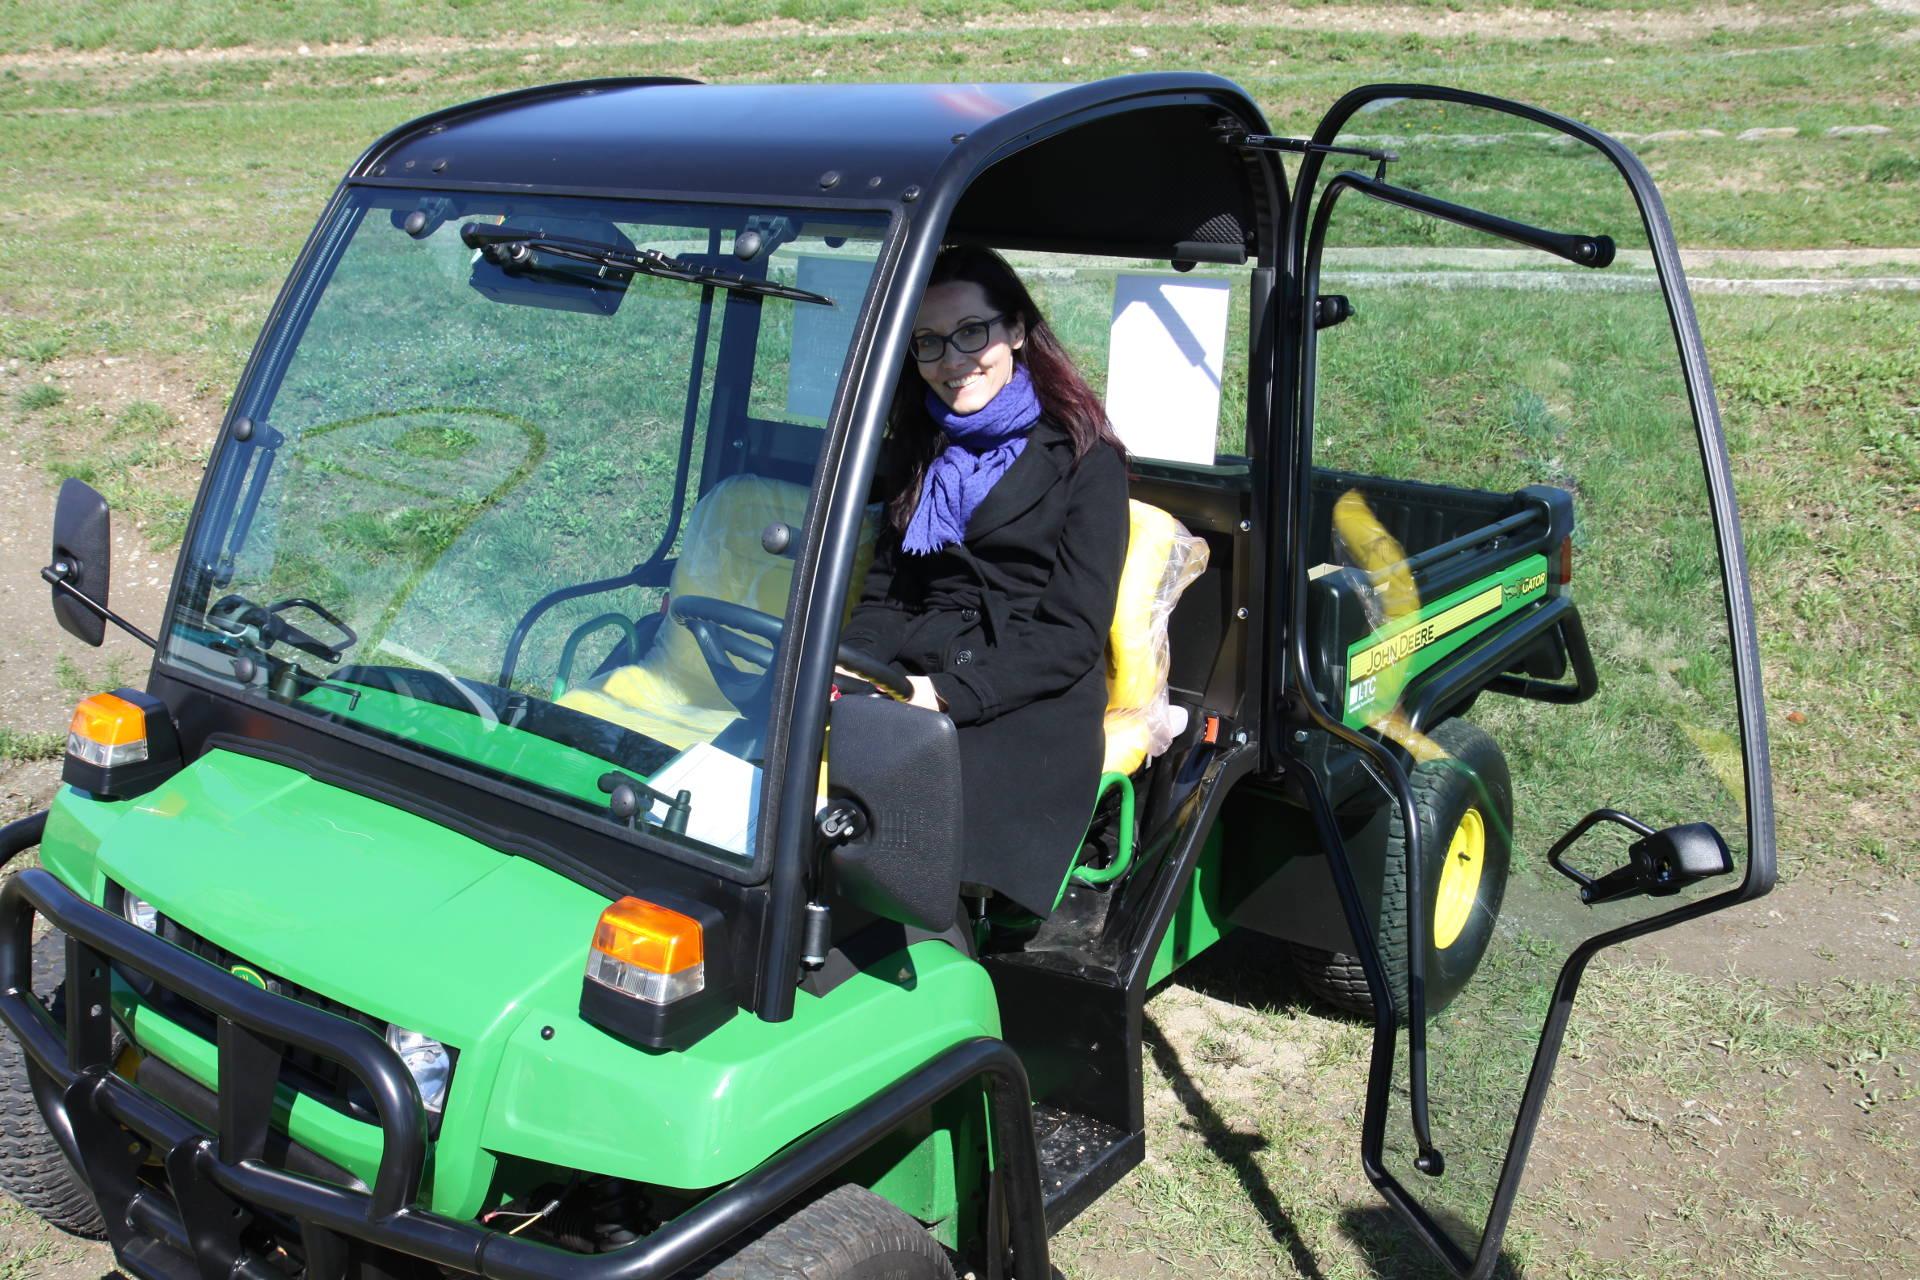 Der E-Gator von John Deere als Transportfahrzeug für Landwirtschaft und Gemeinden. © Tanja Solar